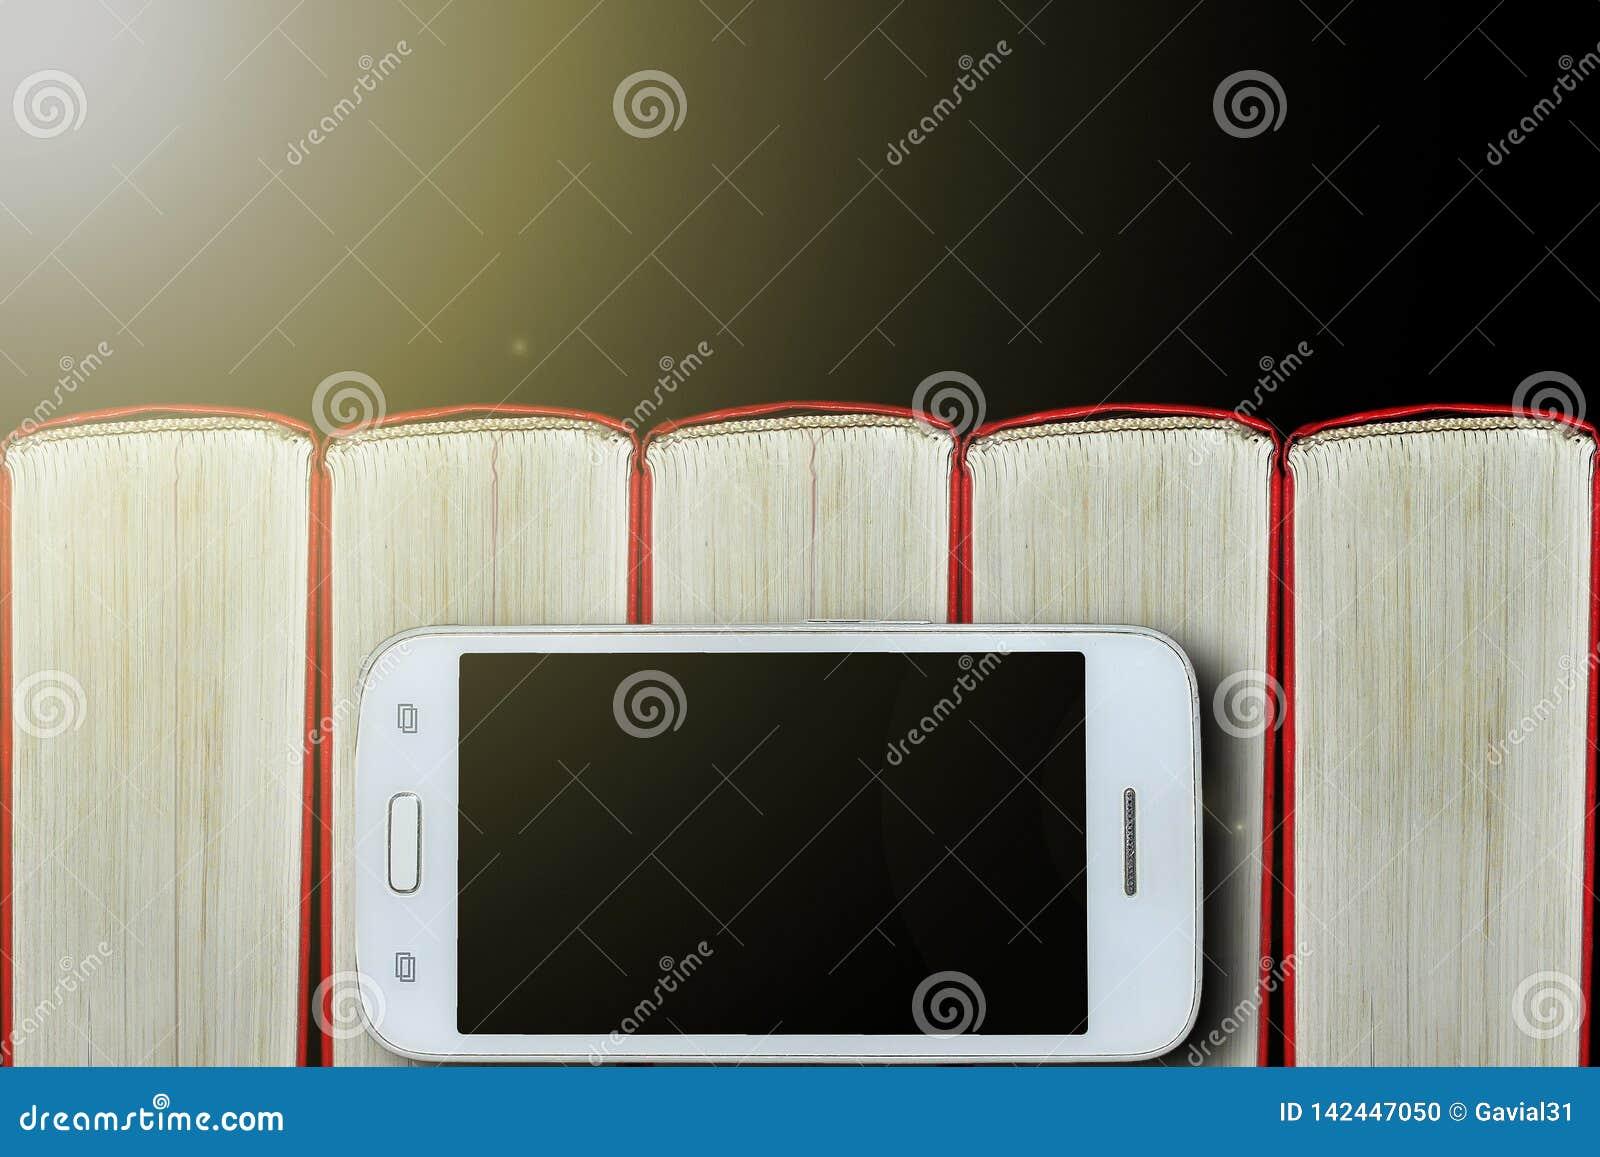 Smartphone en el fondo de libros Fondo oscuro, espacio de la copia Concepto: libros y artilugios electrónicos